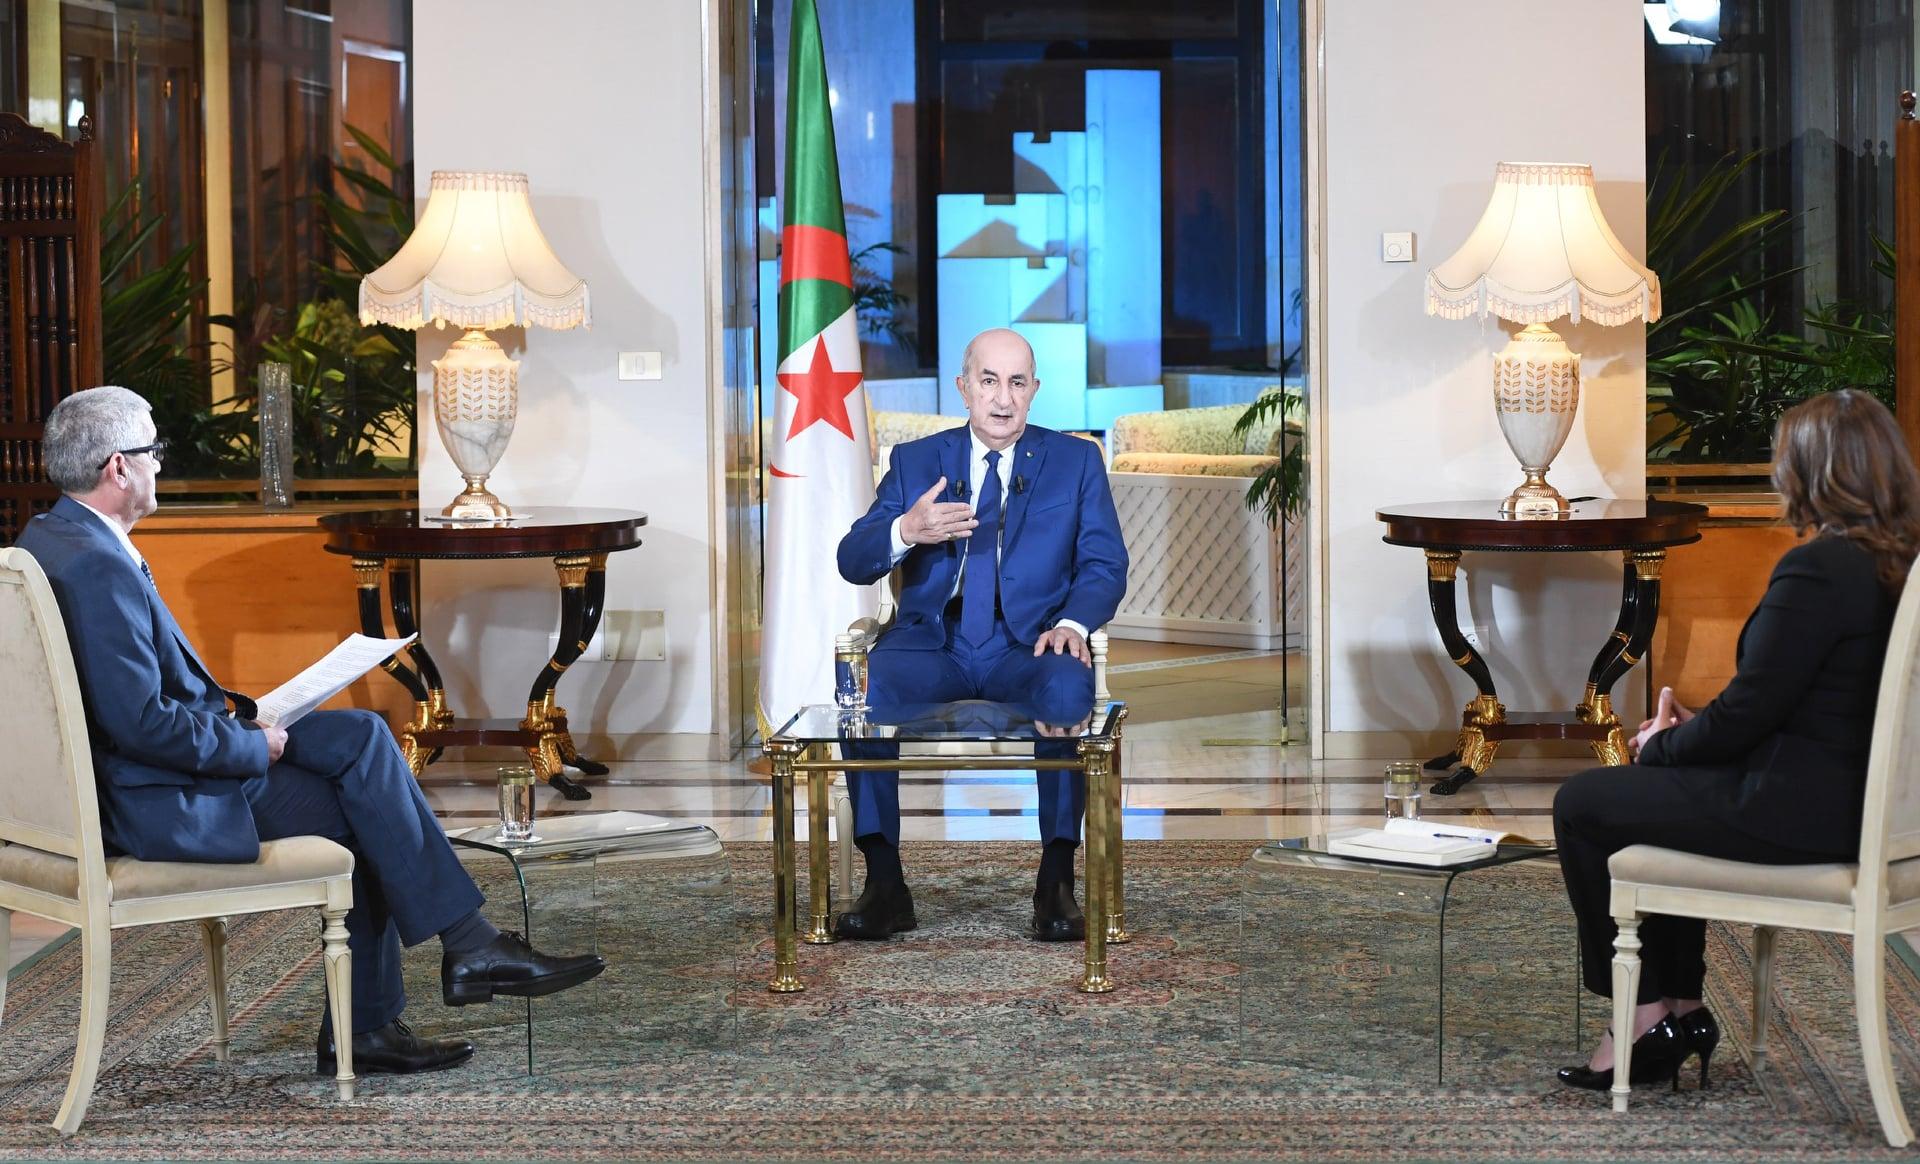 L'Algérie prête à aider et à accompagner les Libyens - Algérie